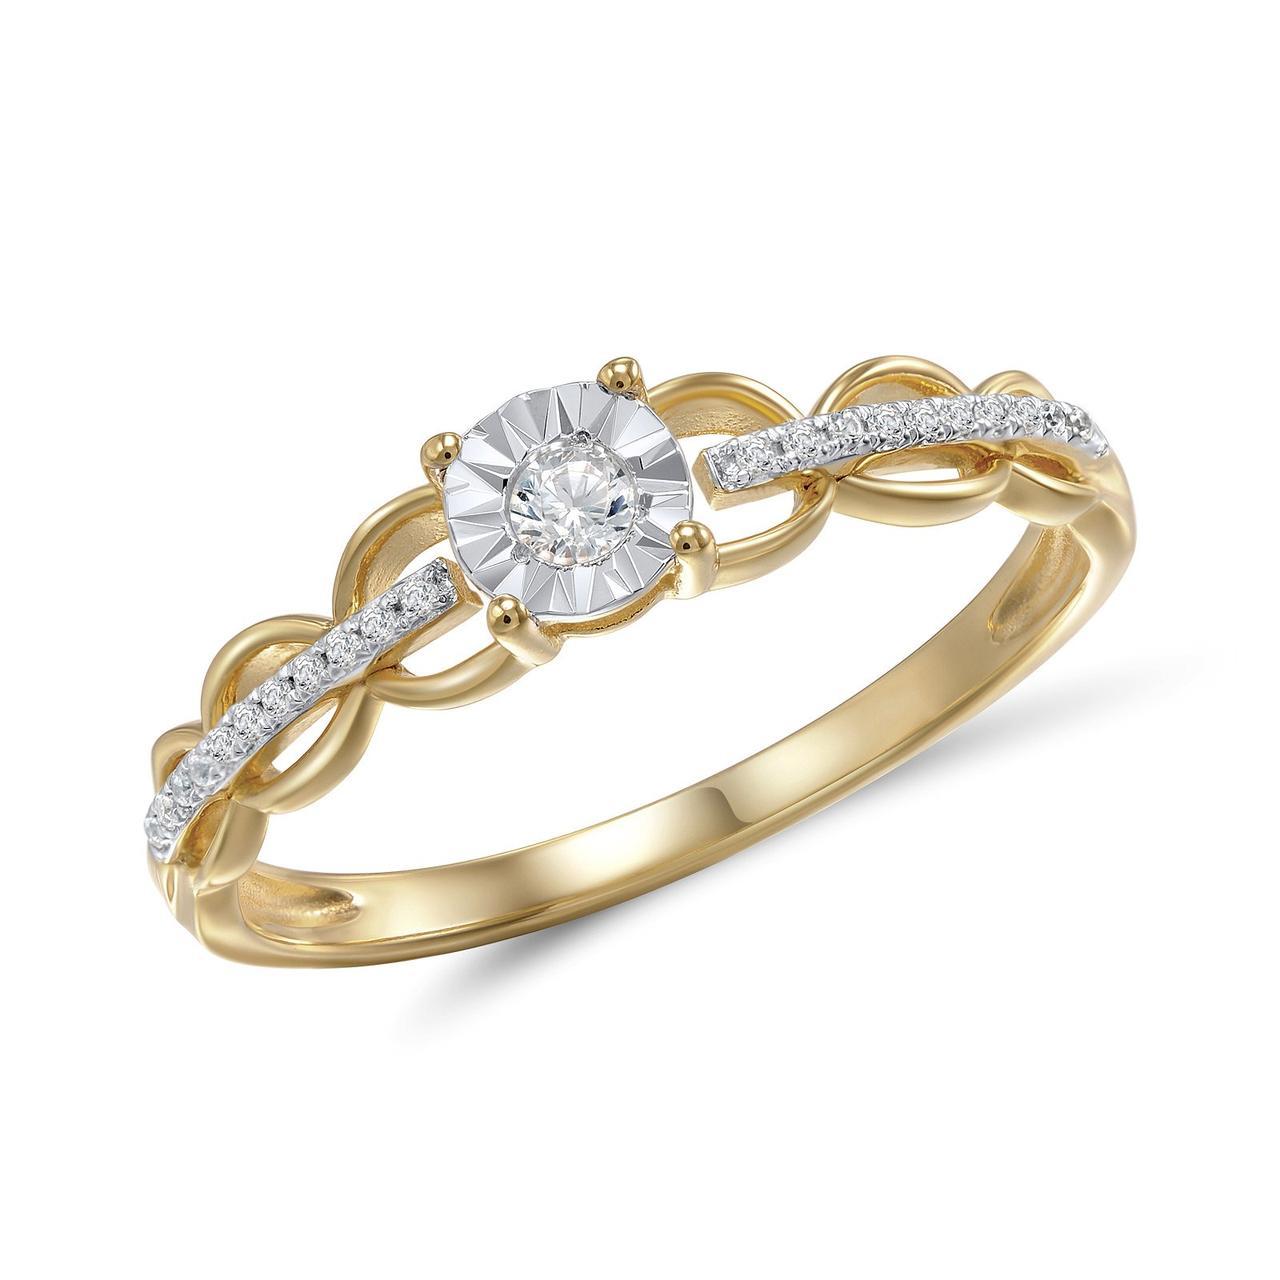 Золотое кольцо с бриллиантами, размер 15 (208926)